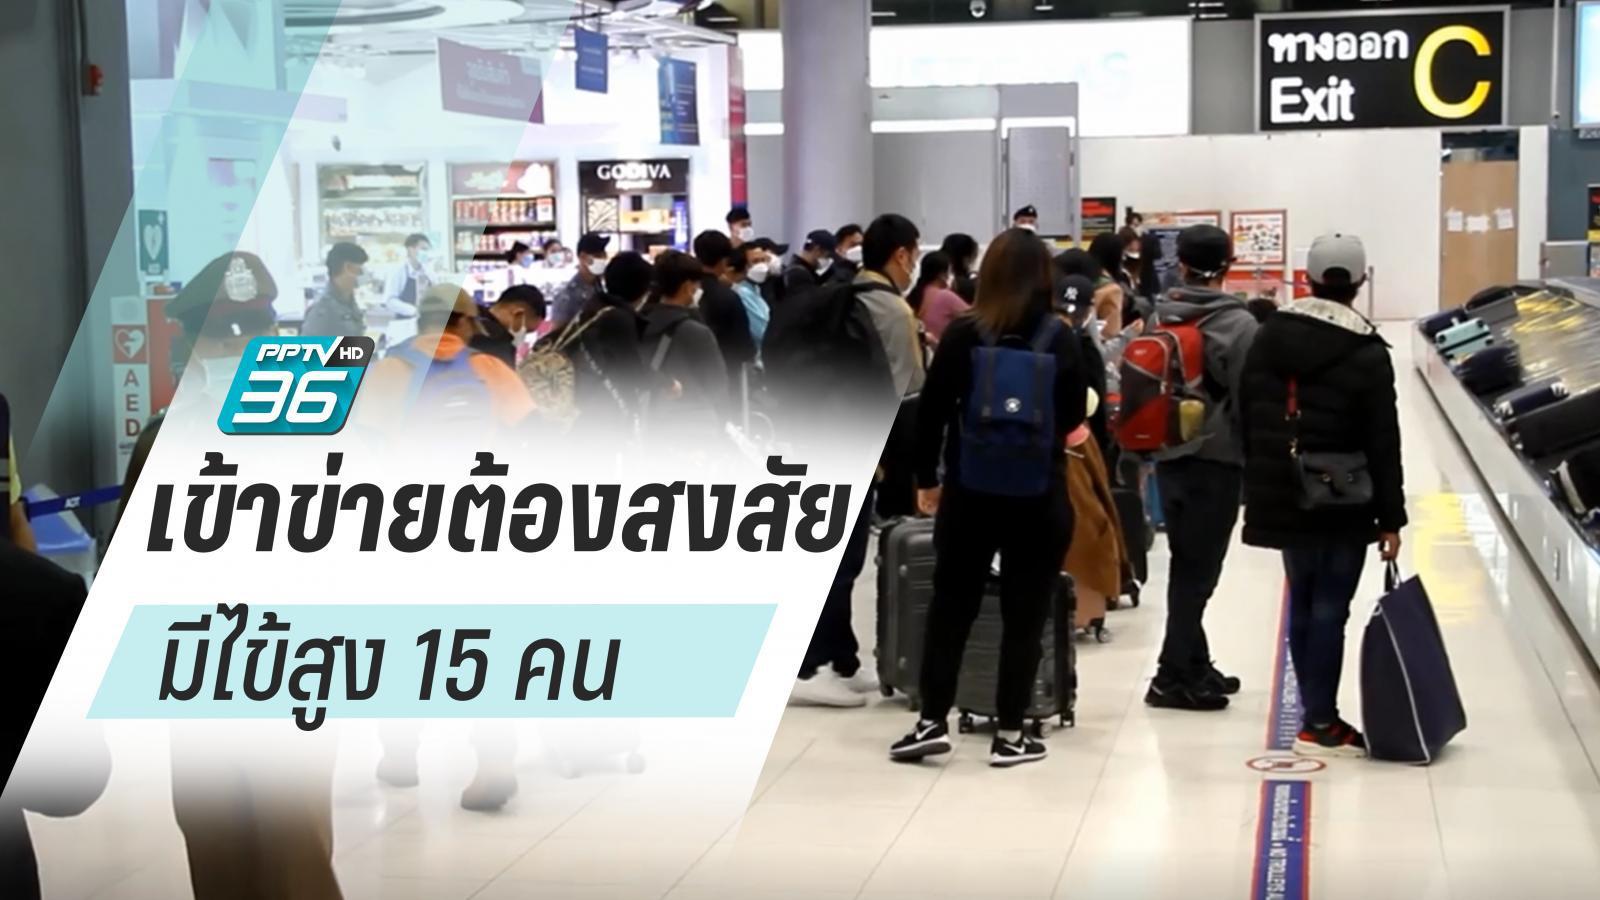 พบแรงงานไทยกลับจากเกาหลี เข้าข่ายต้องสงสัยมีไข้สูง 15 คน